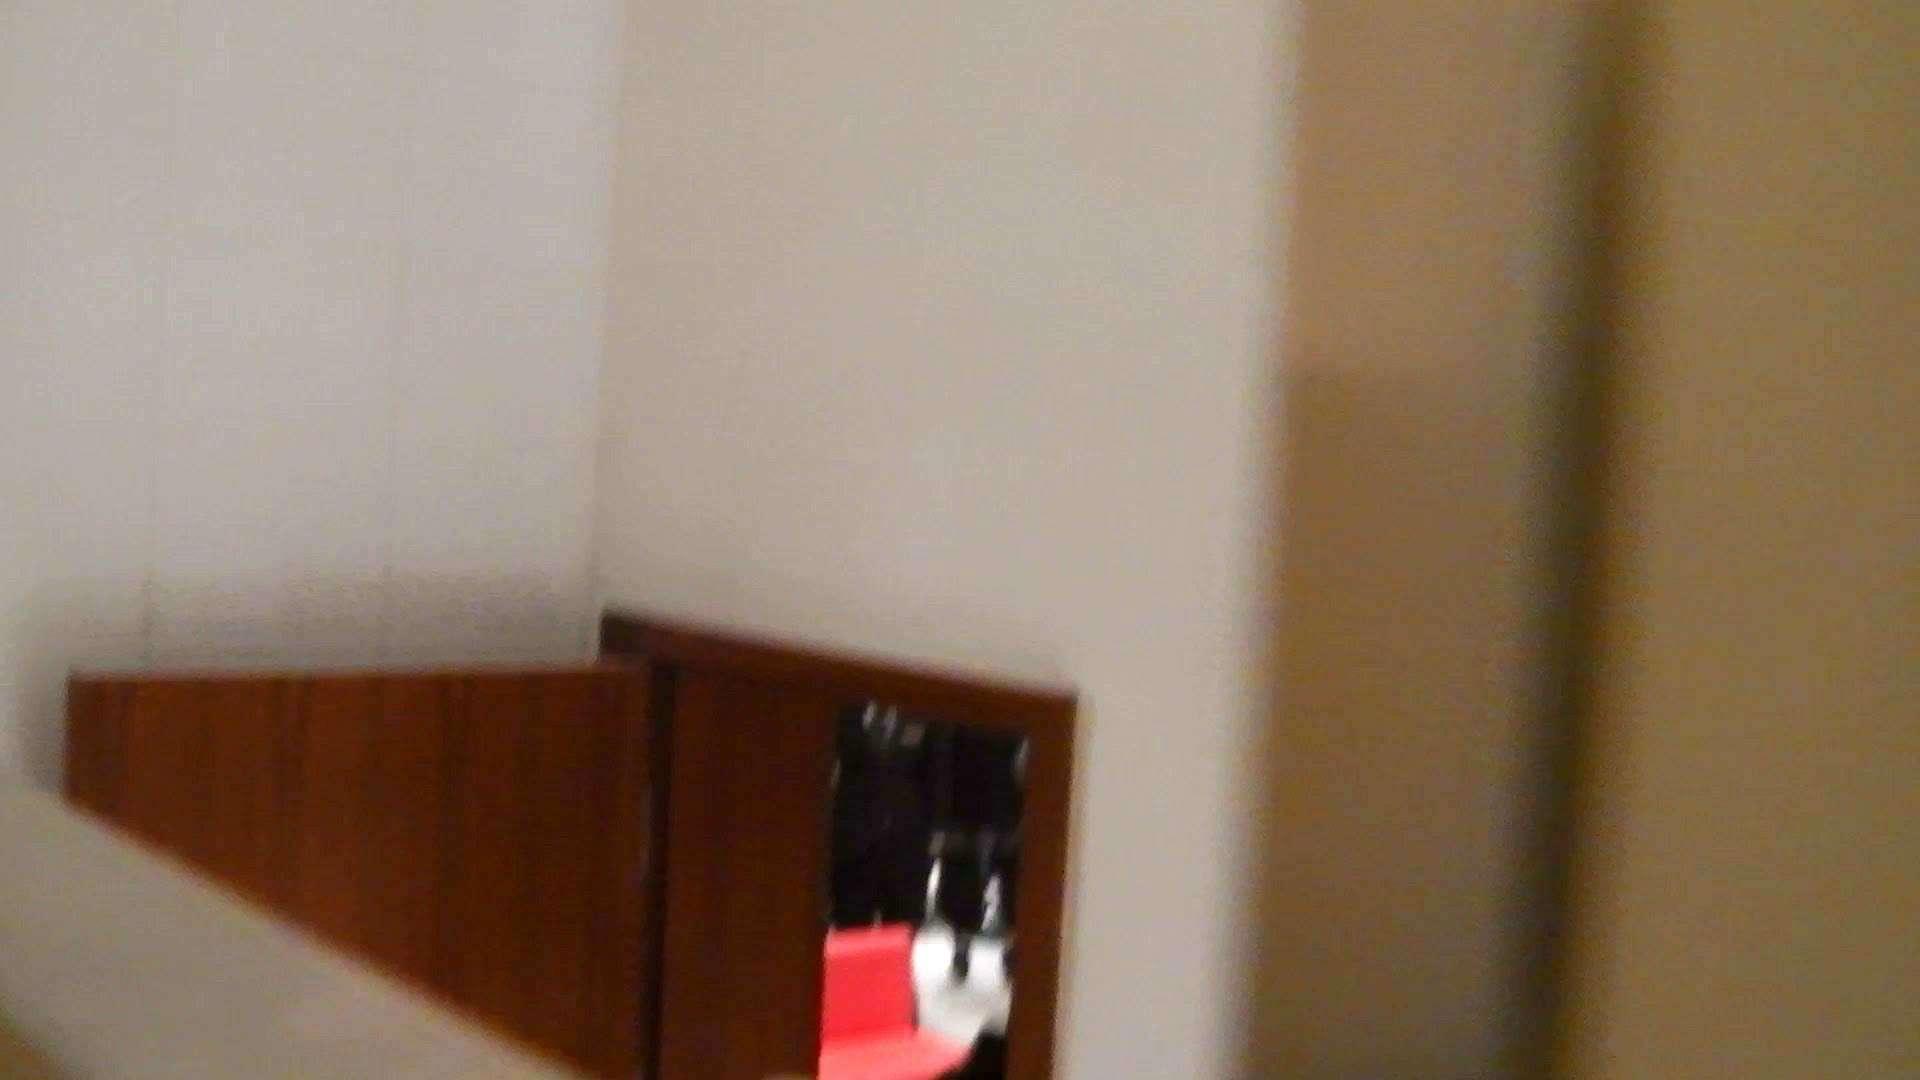 洗寿観音さんの 化粧室は四面楚歌Nol.6 洗面所  93pic 6